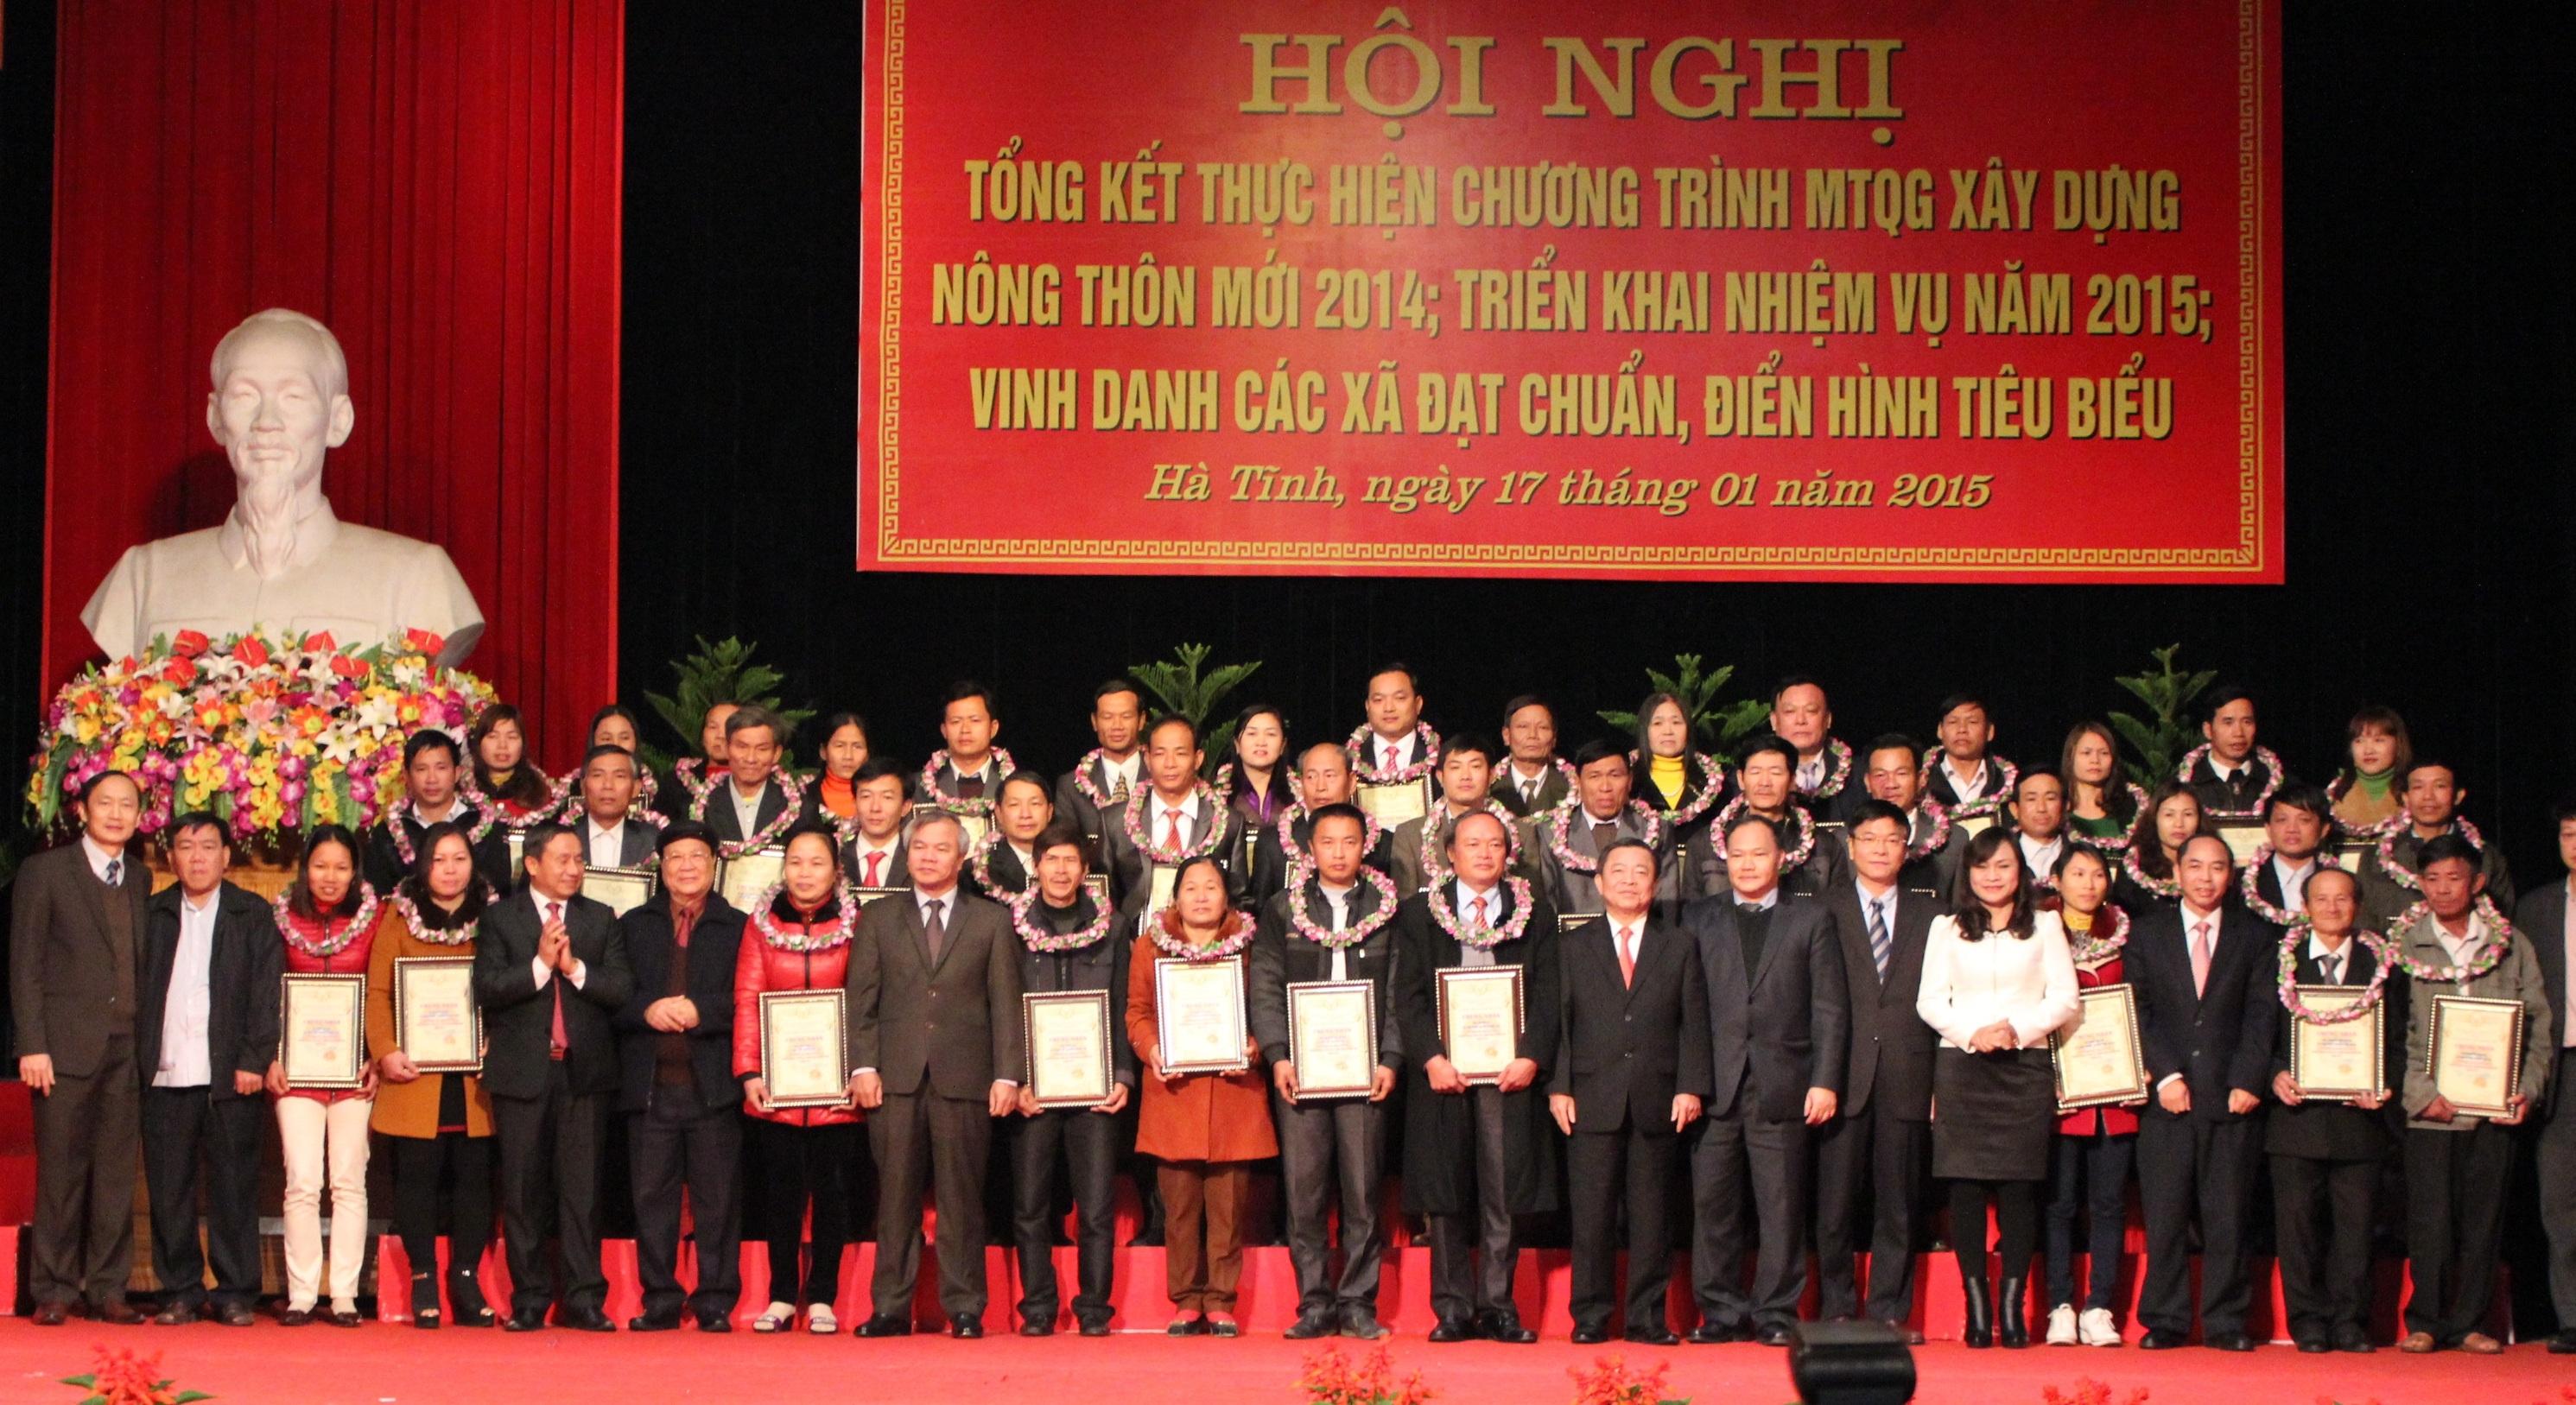 Năm 2014, Hà Tĩnh có 19 xã về đích nông thôn mới nâng tổng số xã đạt chuẩn lên 26